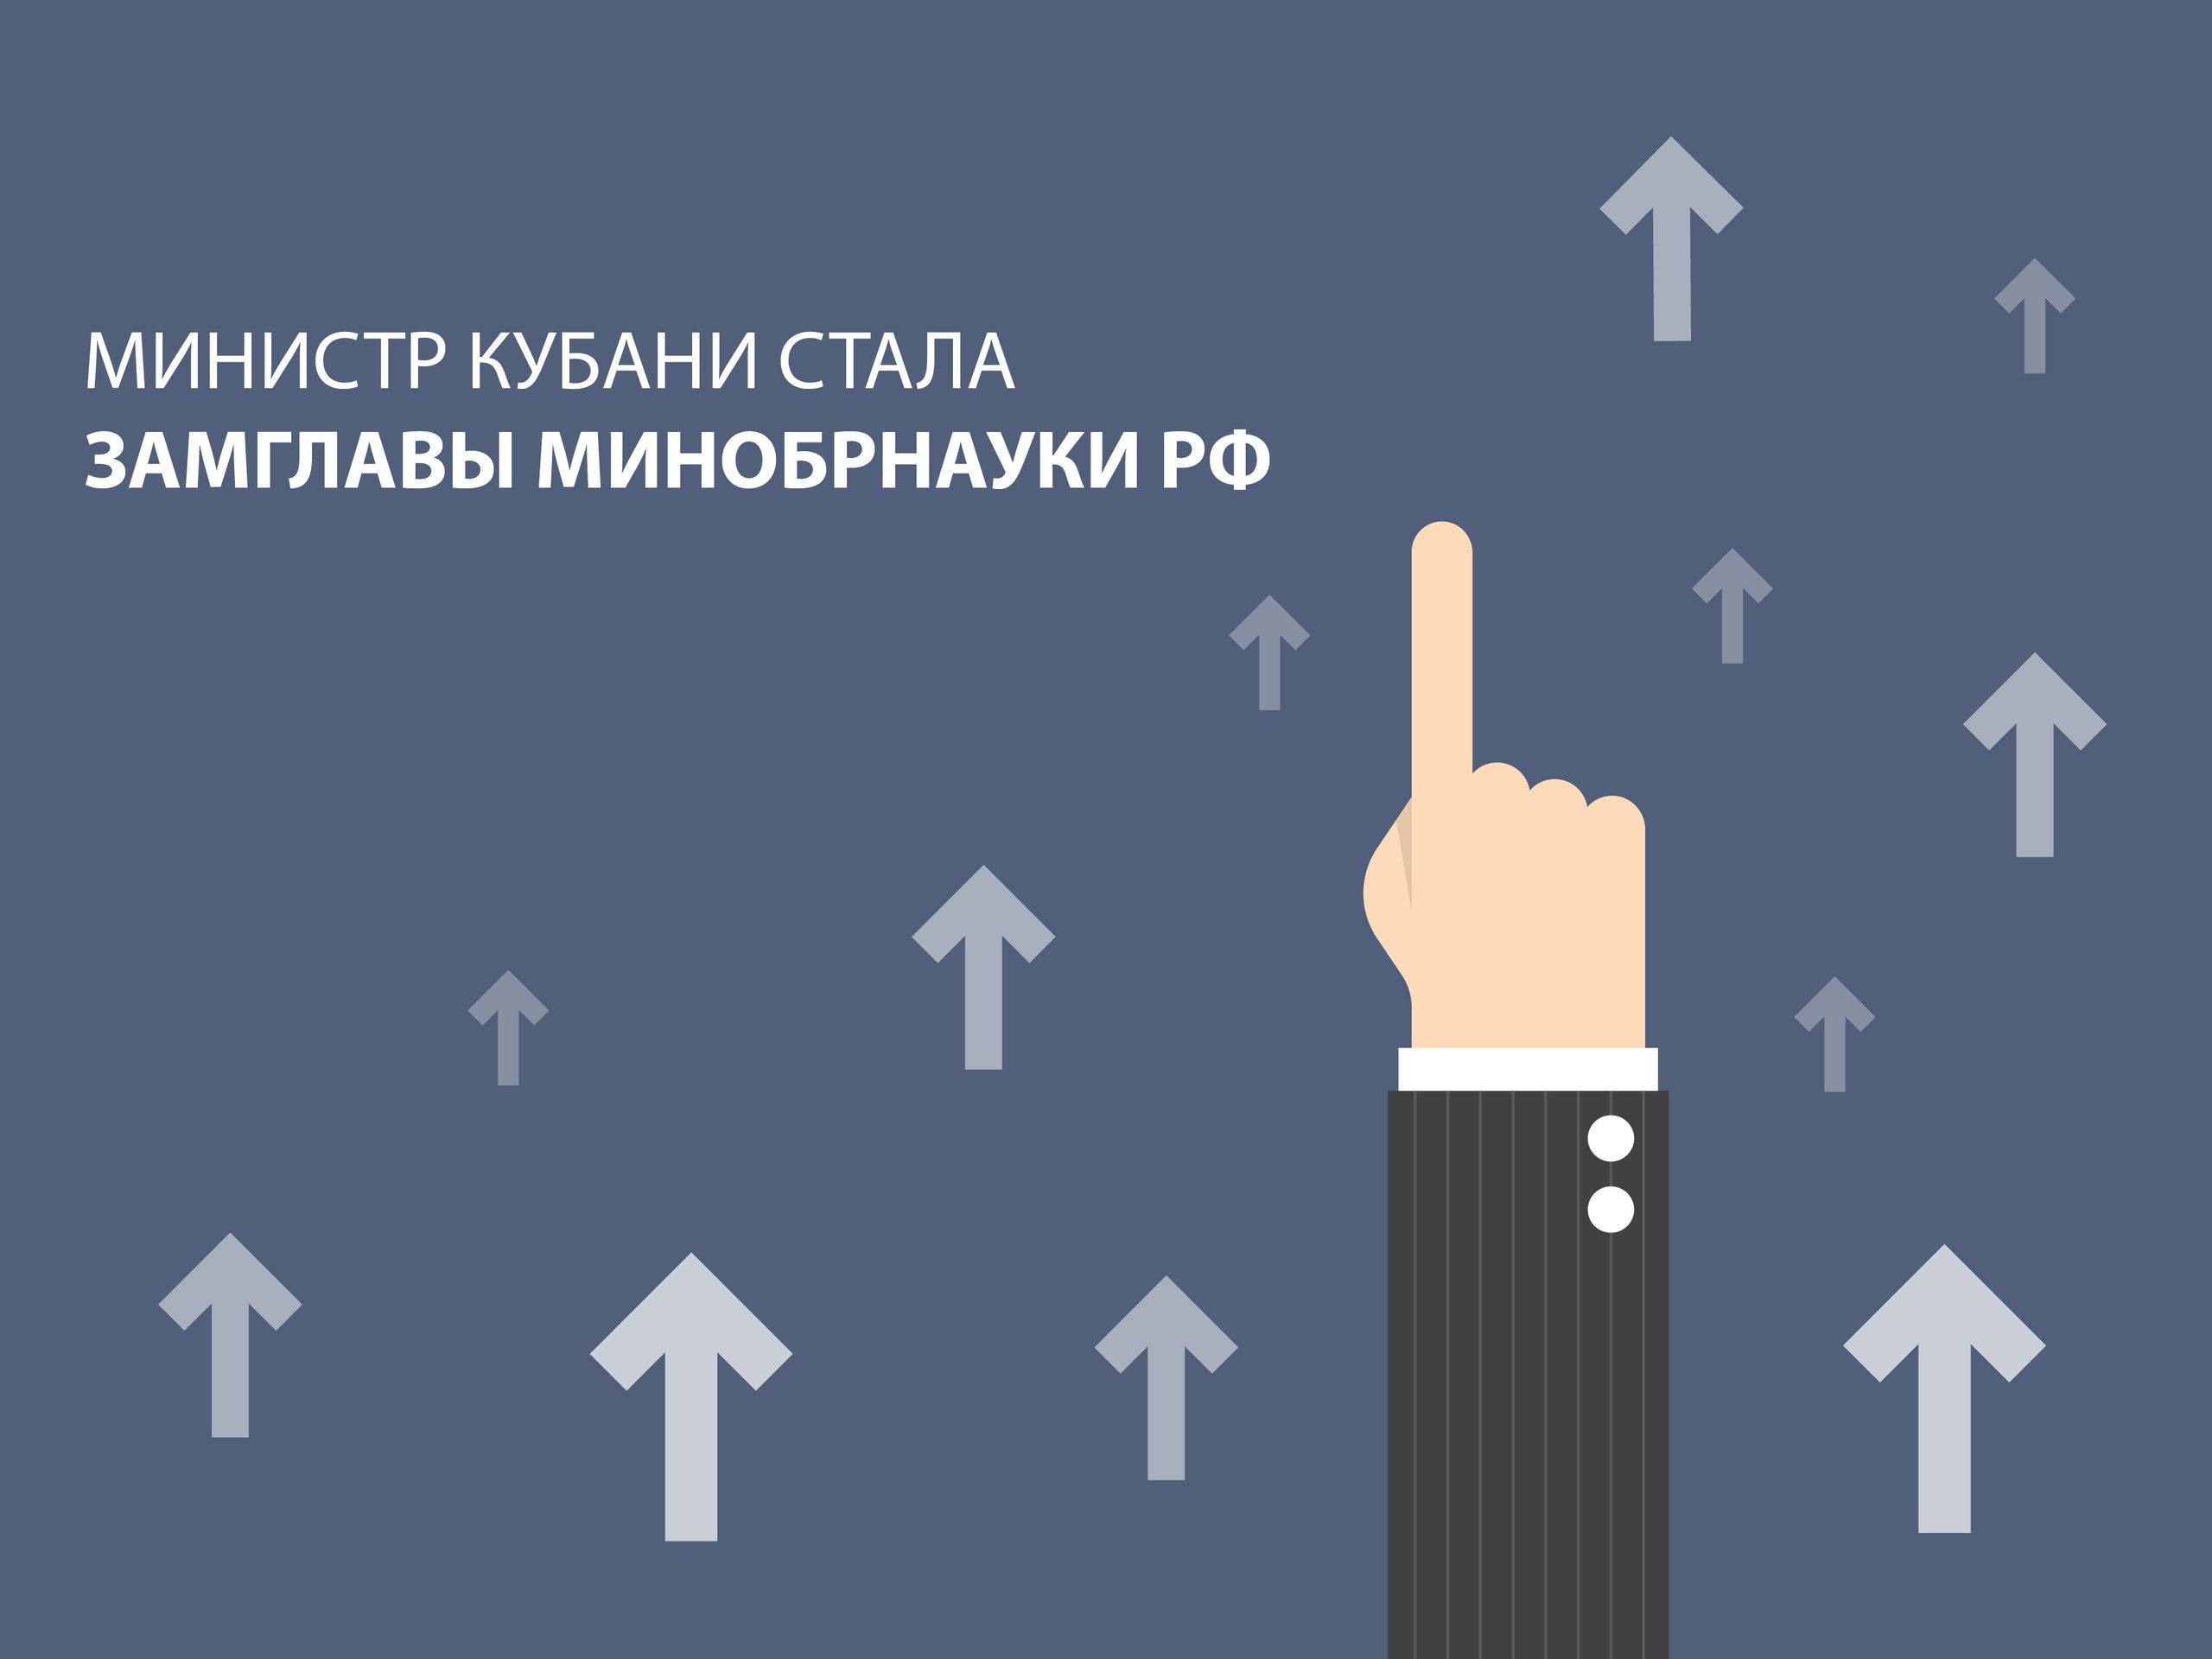 Татьяна Юрьевна Синюгина стала замглавы Министерства Образования и науки РФ